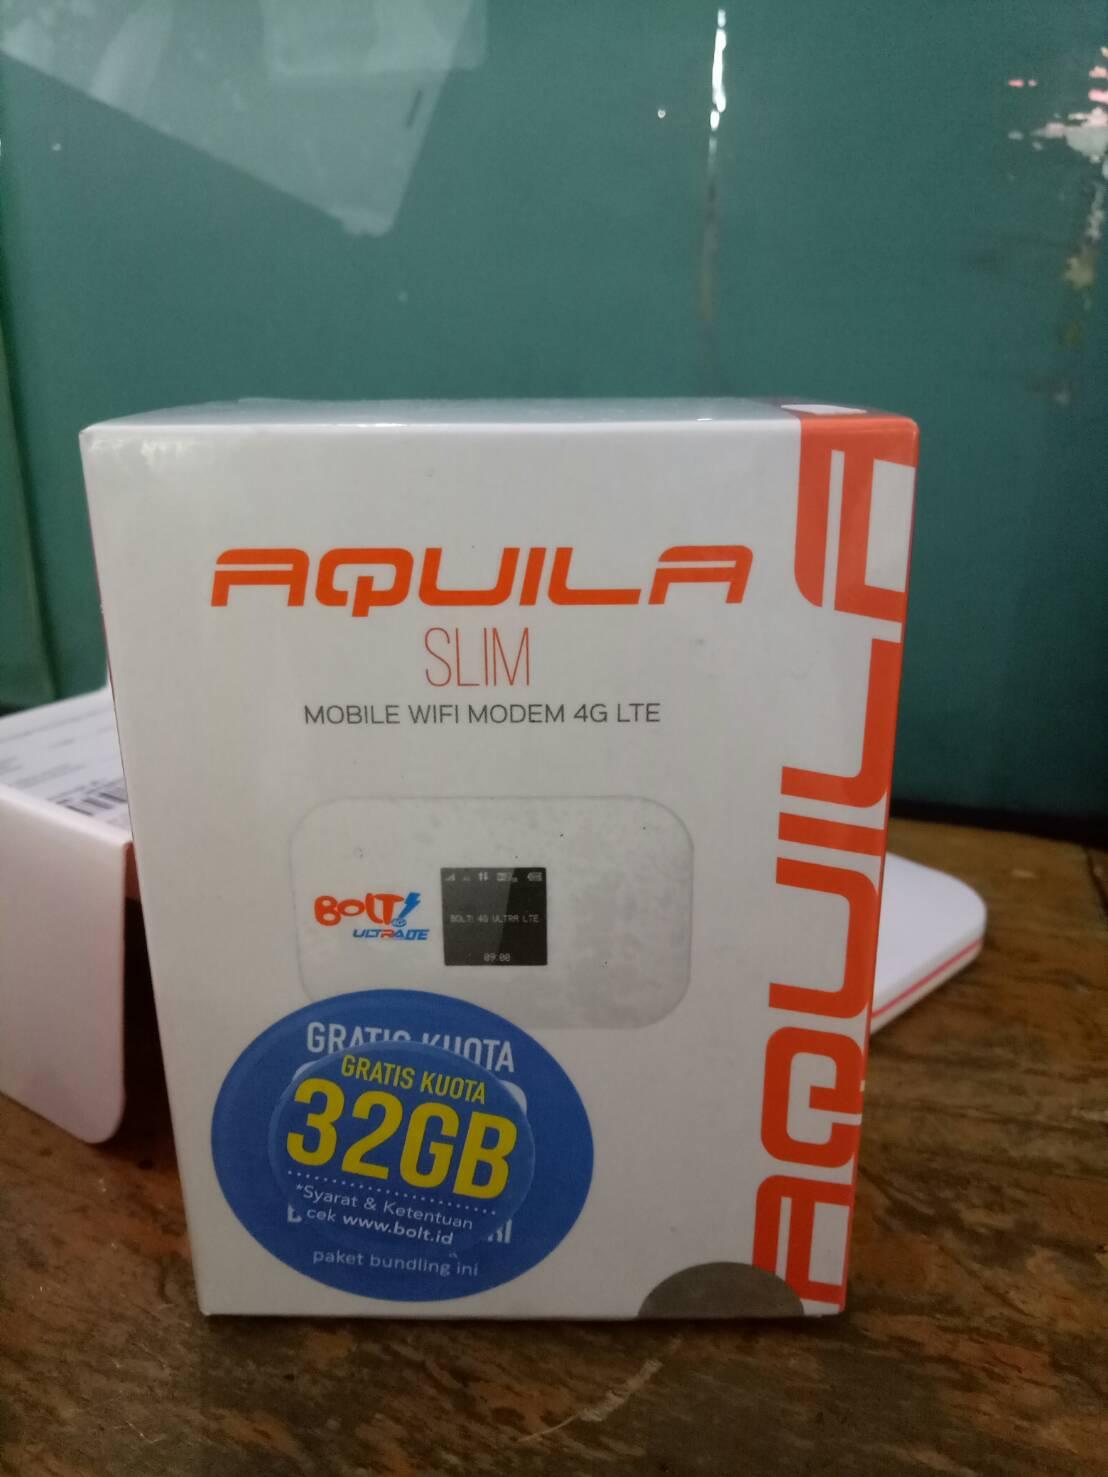 Bolt Mifi Aquila Bonus Kuota 32GB!